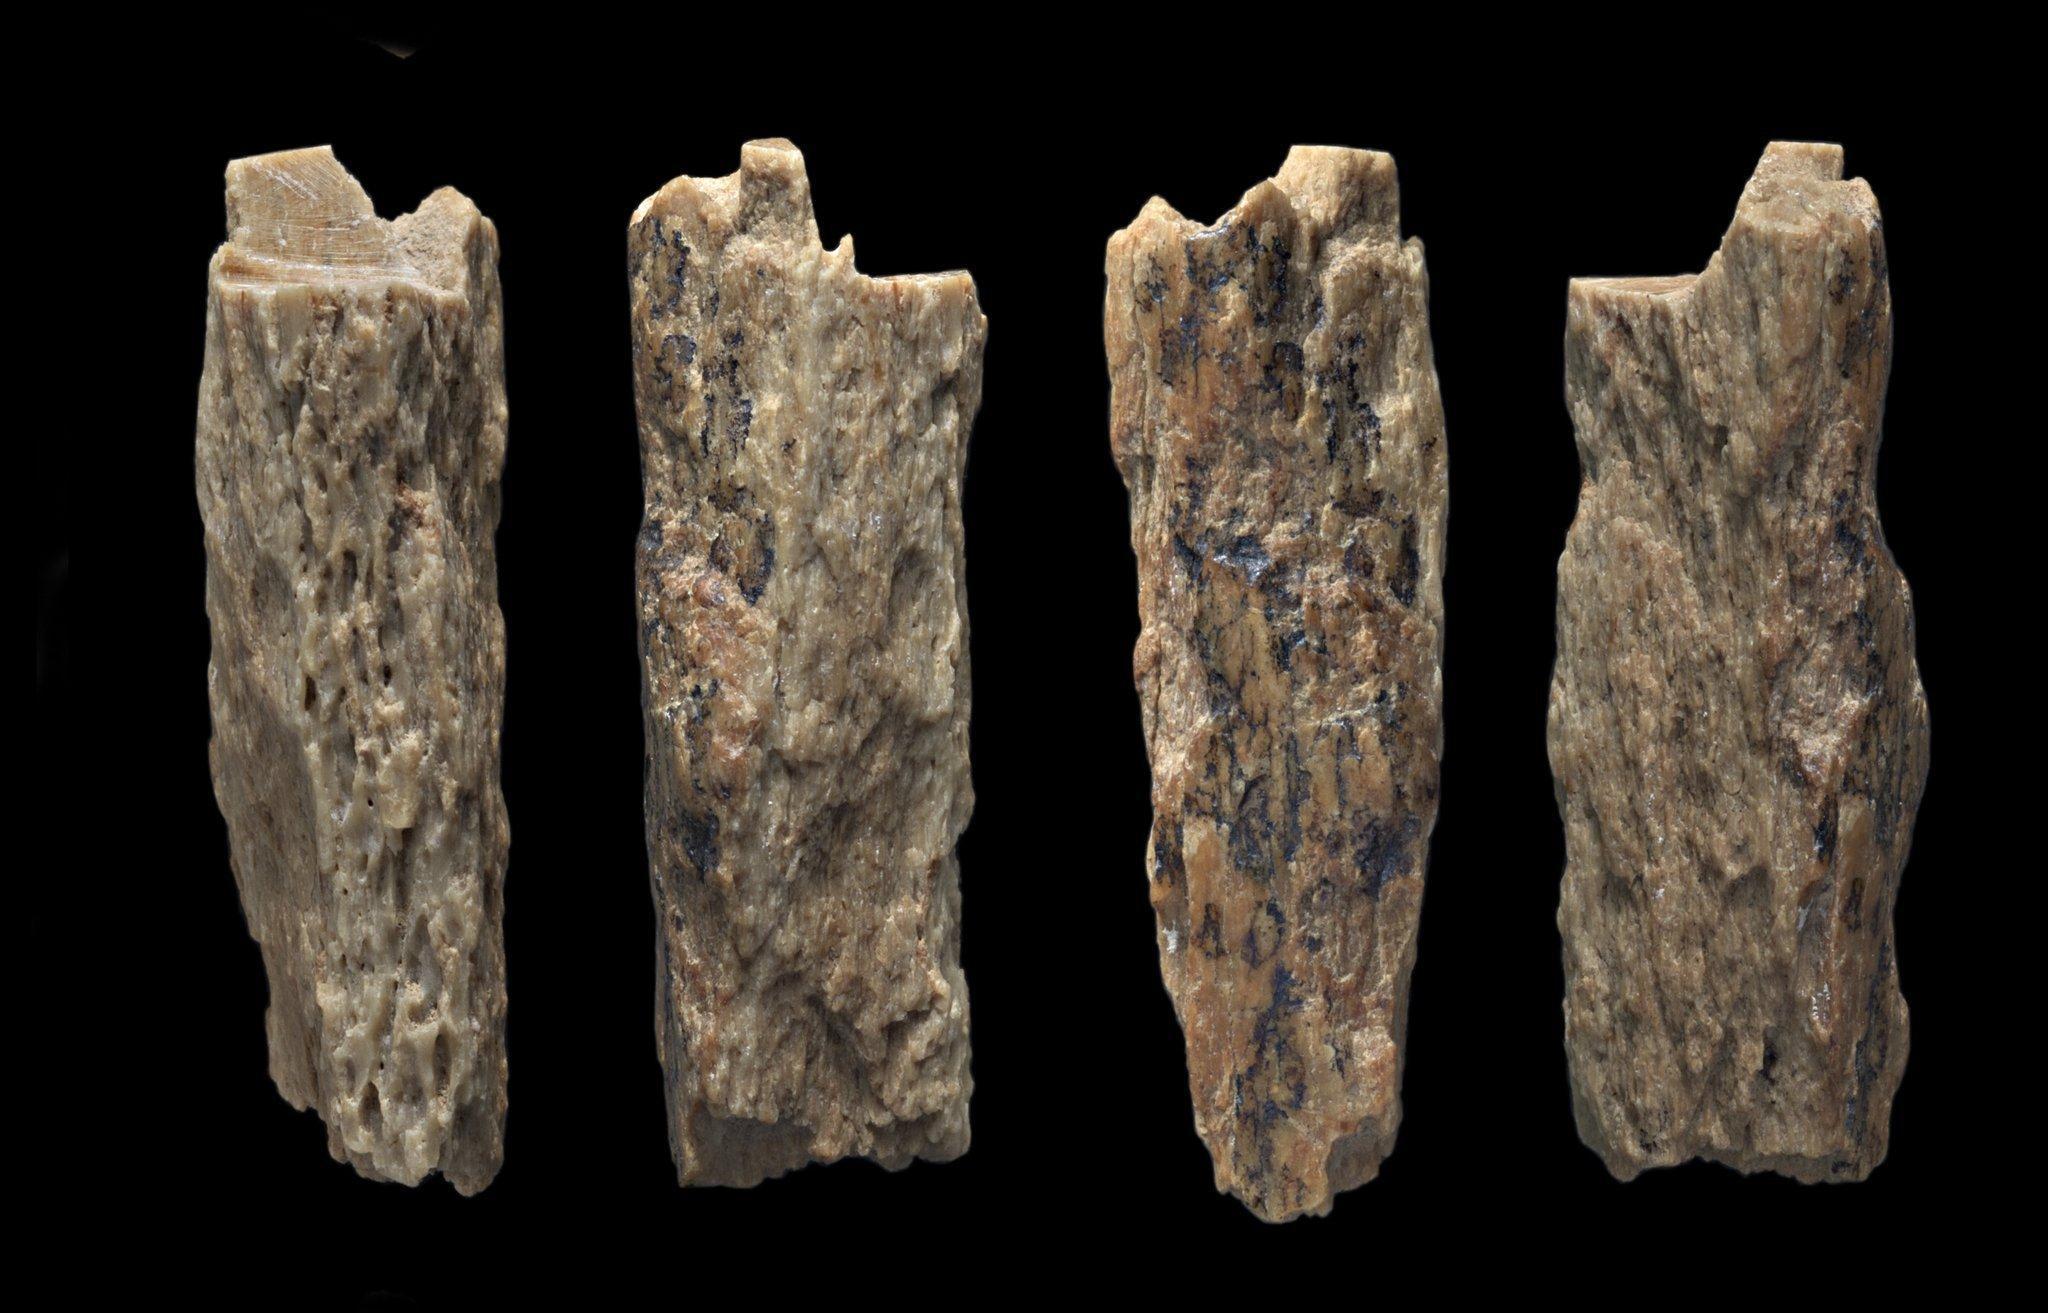 Auf dem Foto wird ein Knochenbruchstück gezeigt, das im Jahr 2012in der Denisova-Höhle gefunden wurde und ein besonderes Geheimnis birgt. Es gehörte einst einer jungen Frau, deren Mutter Neandertalerin und deren Vater Denisova-Mensch war. Das ergab die Analyse ihrer Erbsubstanz.